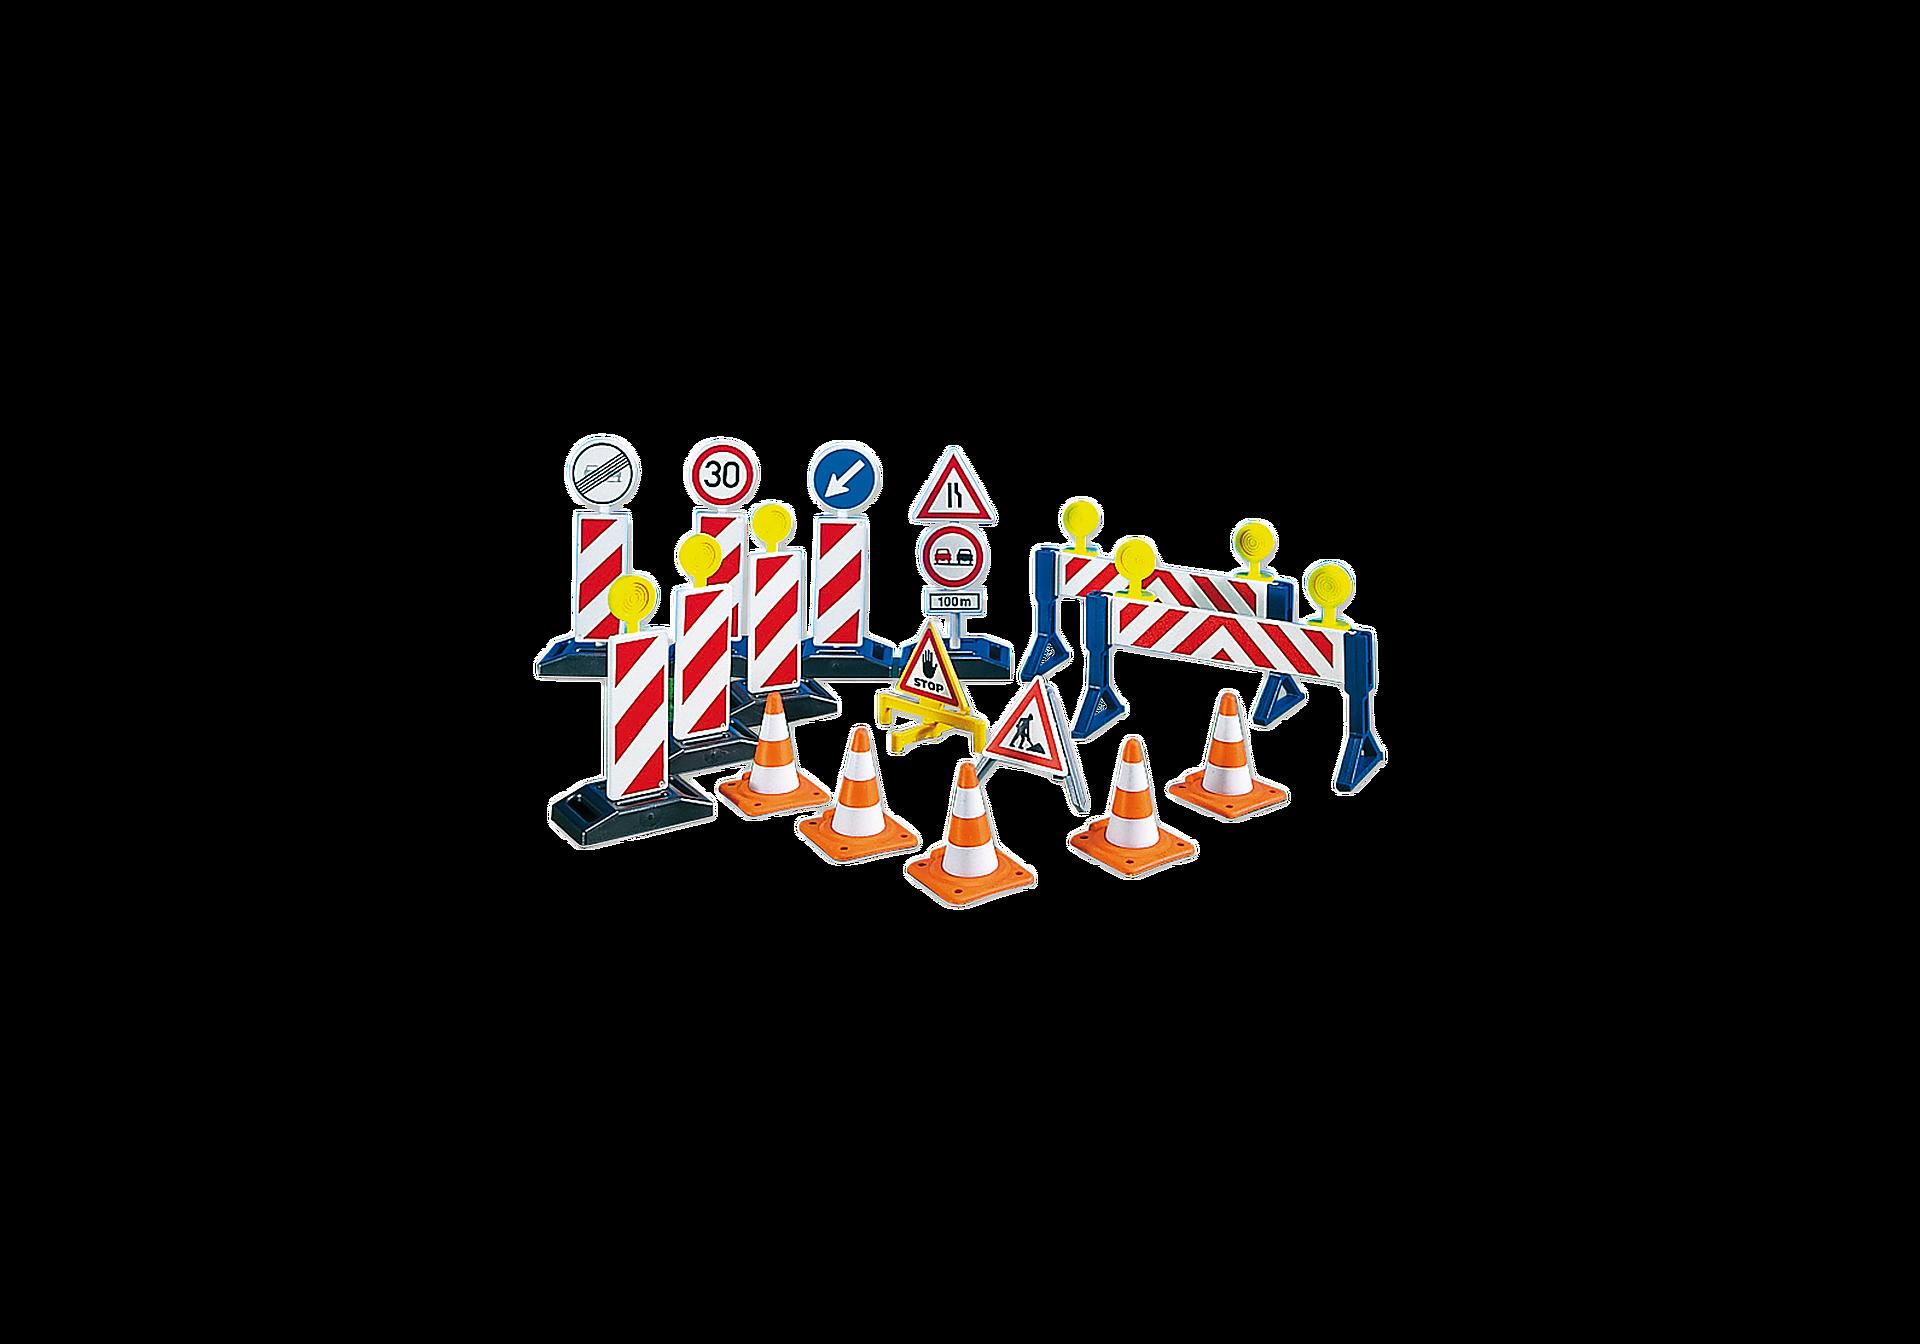 7280 Accessoires de construction de routes zoom image1